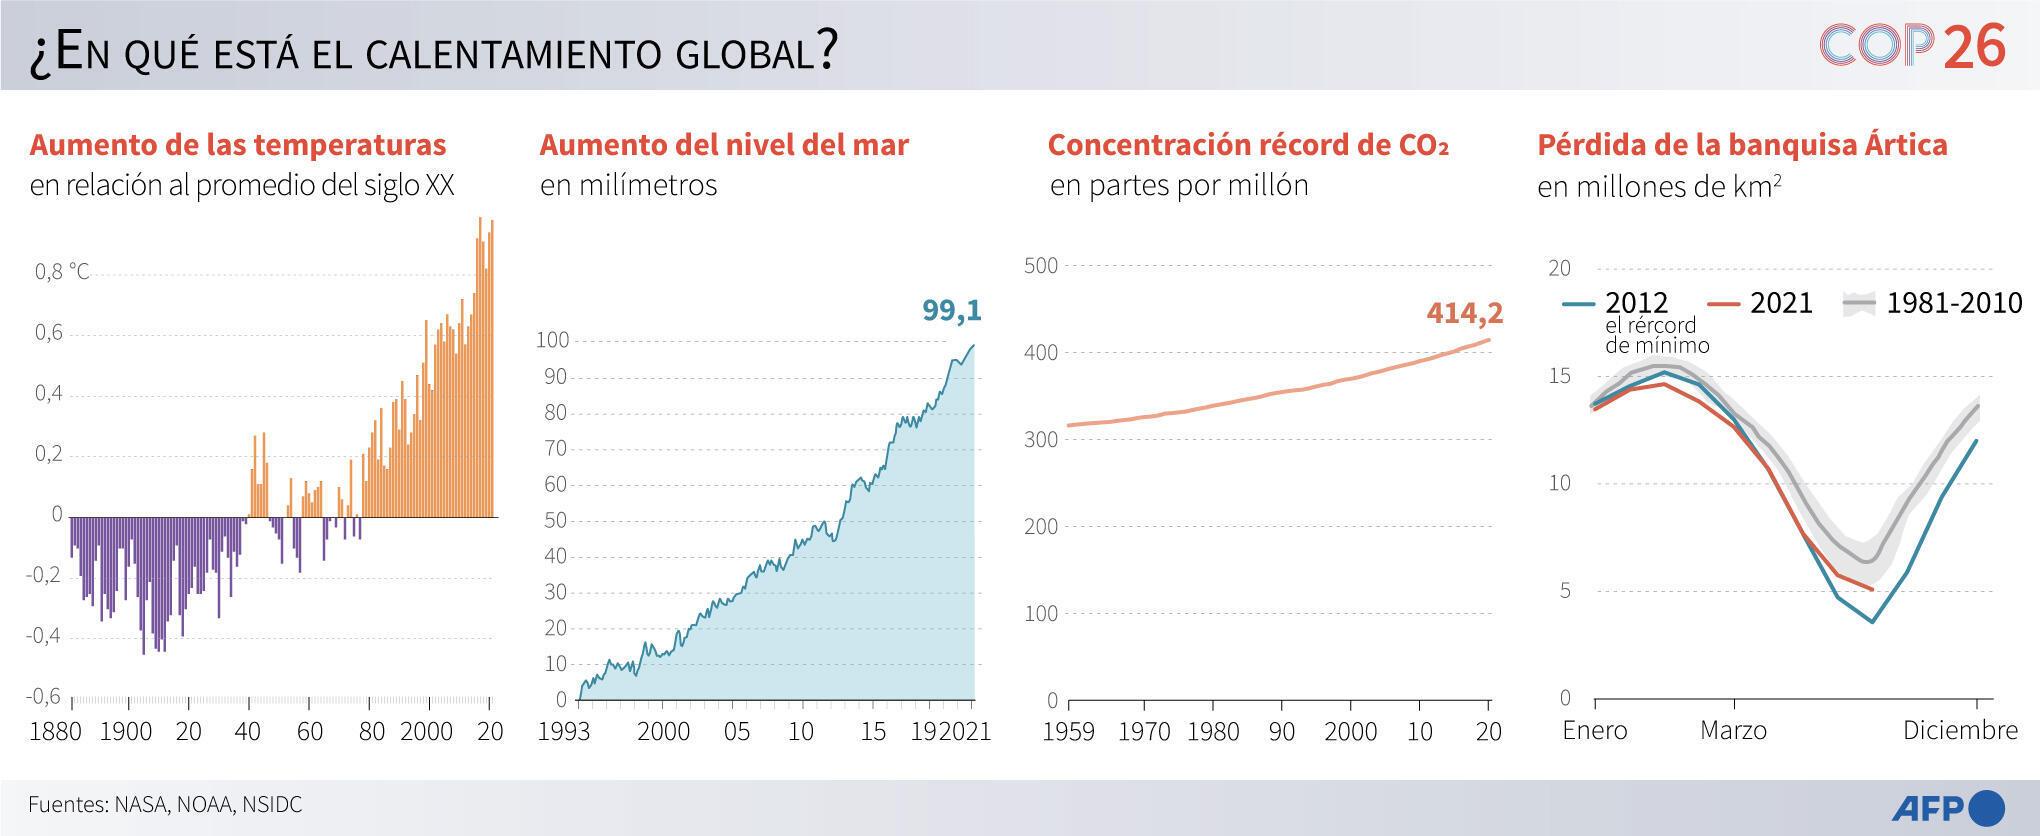 Gráficos con la evolución del nivel del mar, la pérdida de la banquisa, las concentraciones de CO2 y las variaciones de temperaturas anuales